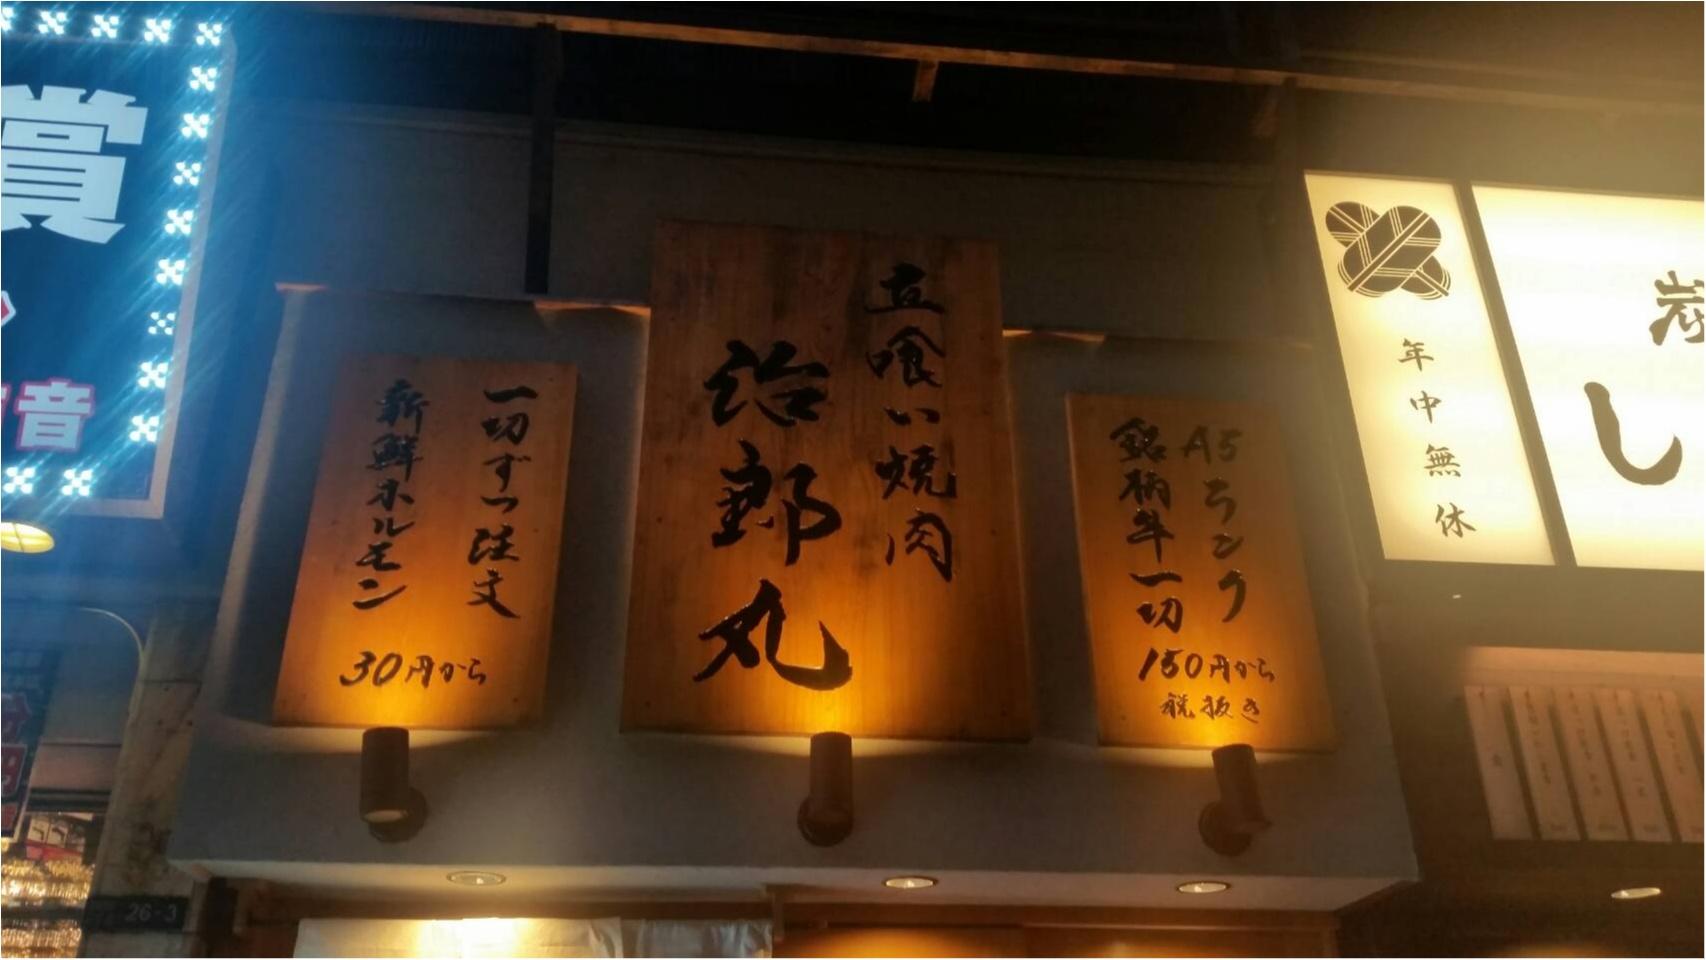 普通の焼き肉に飽きたら・・立ち食い焼肉「治郎丸」がオススメ!_1